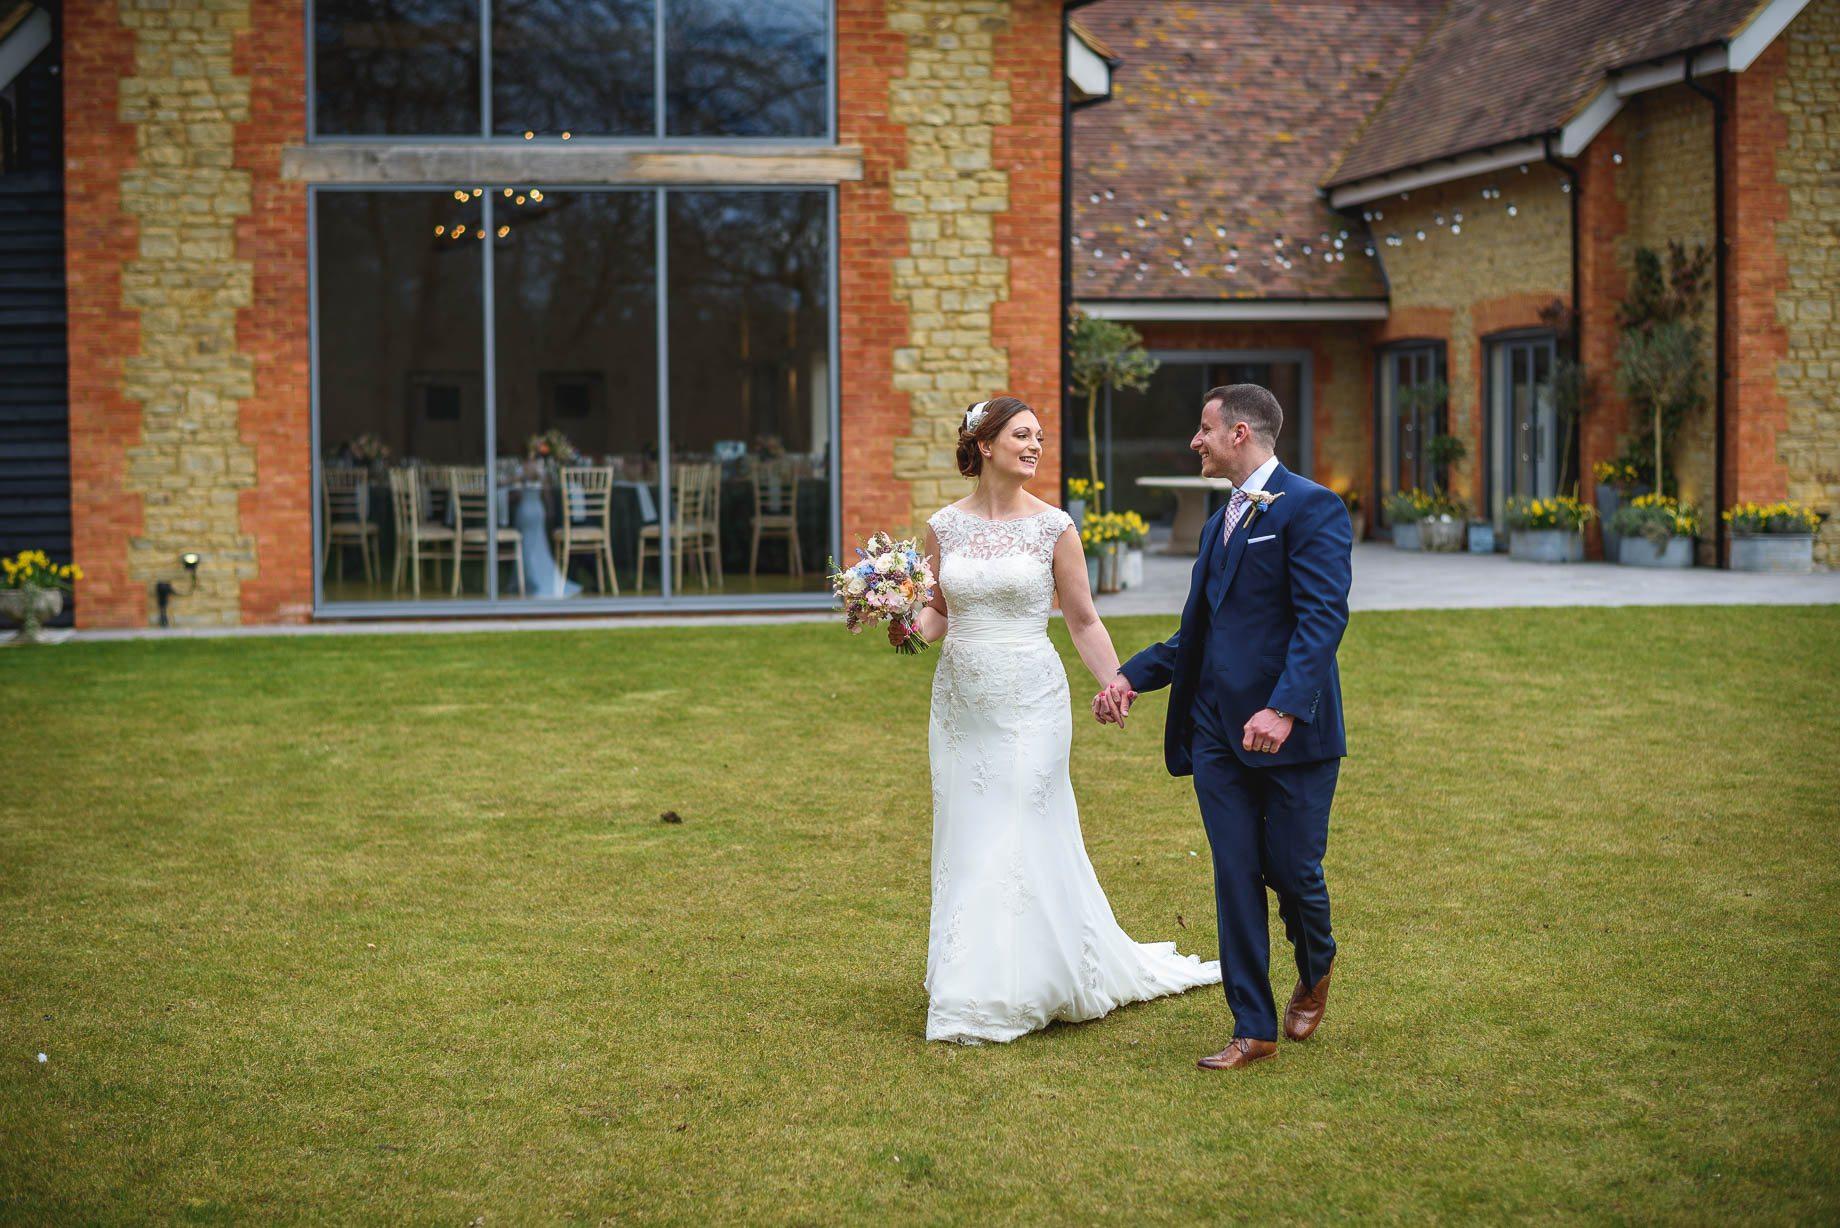 Millbridge Court Wedding Photography - Lisa and Daniel (86 of 173)